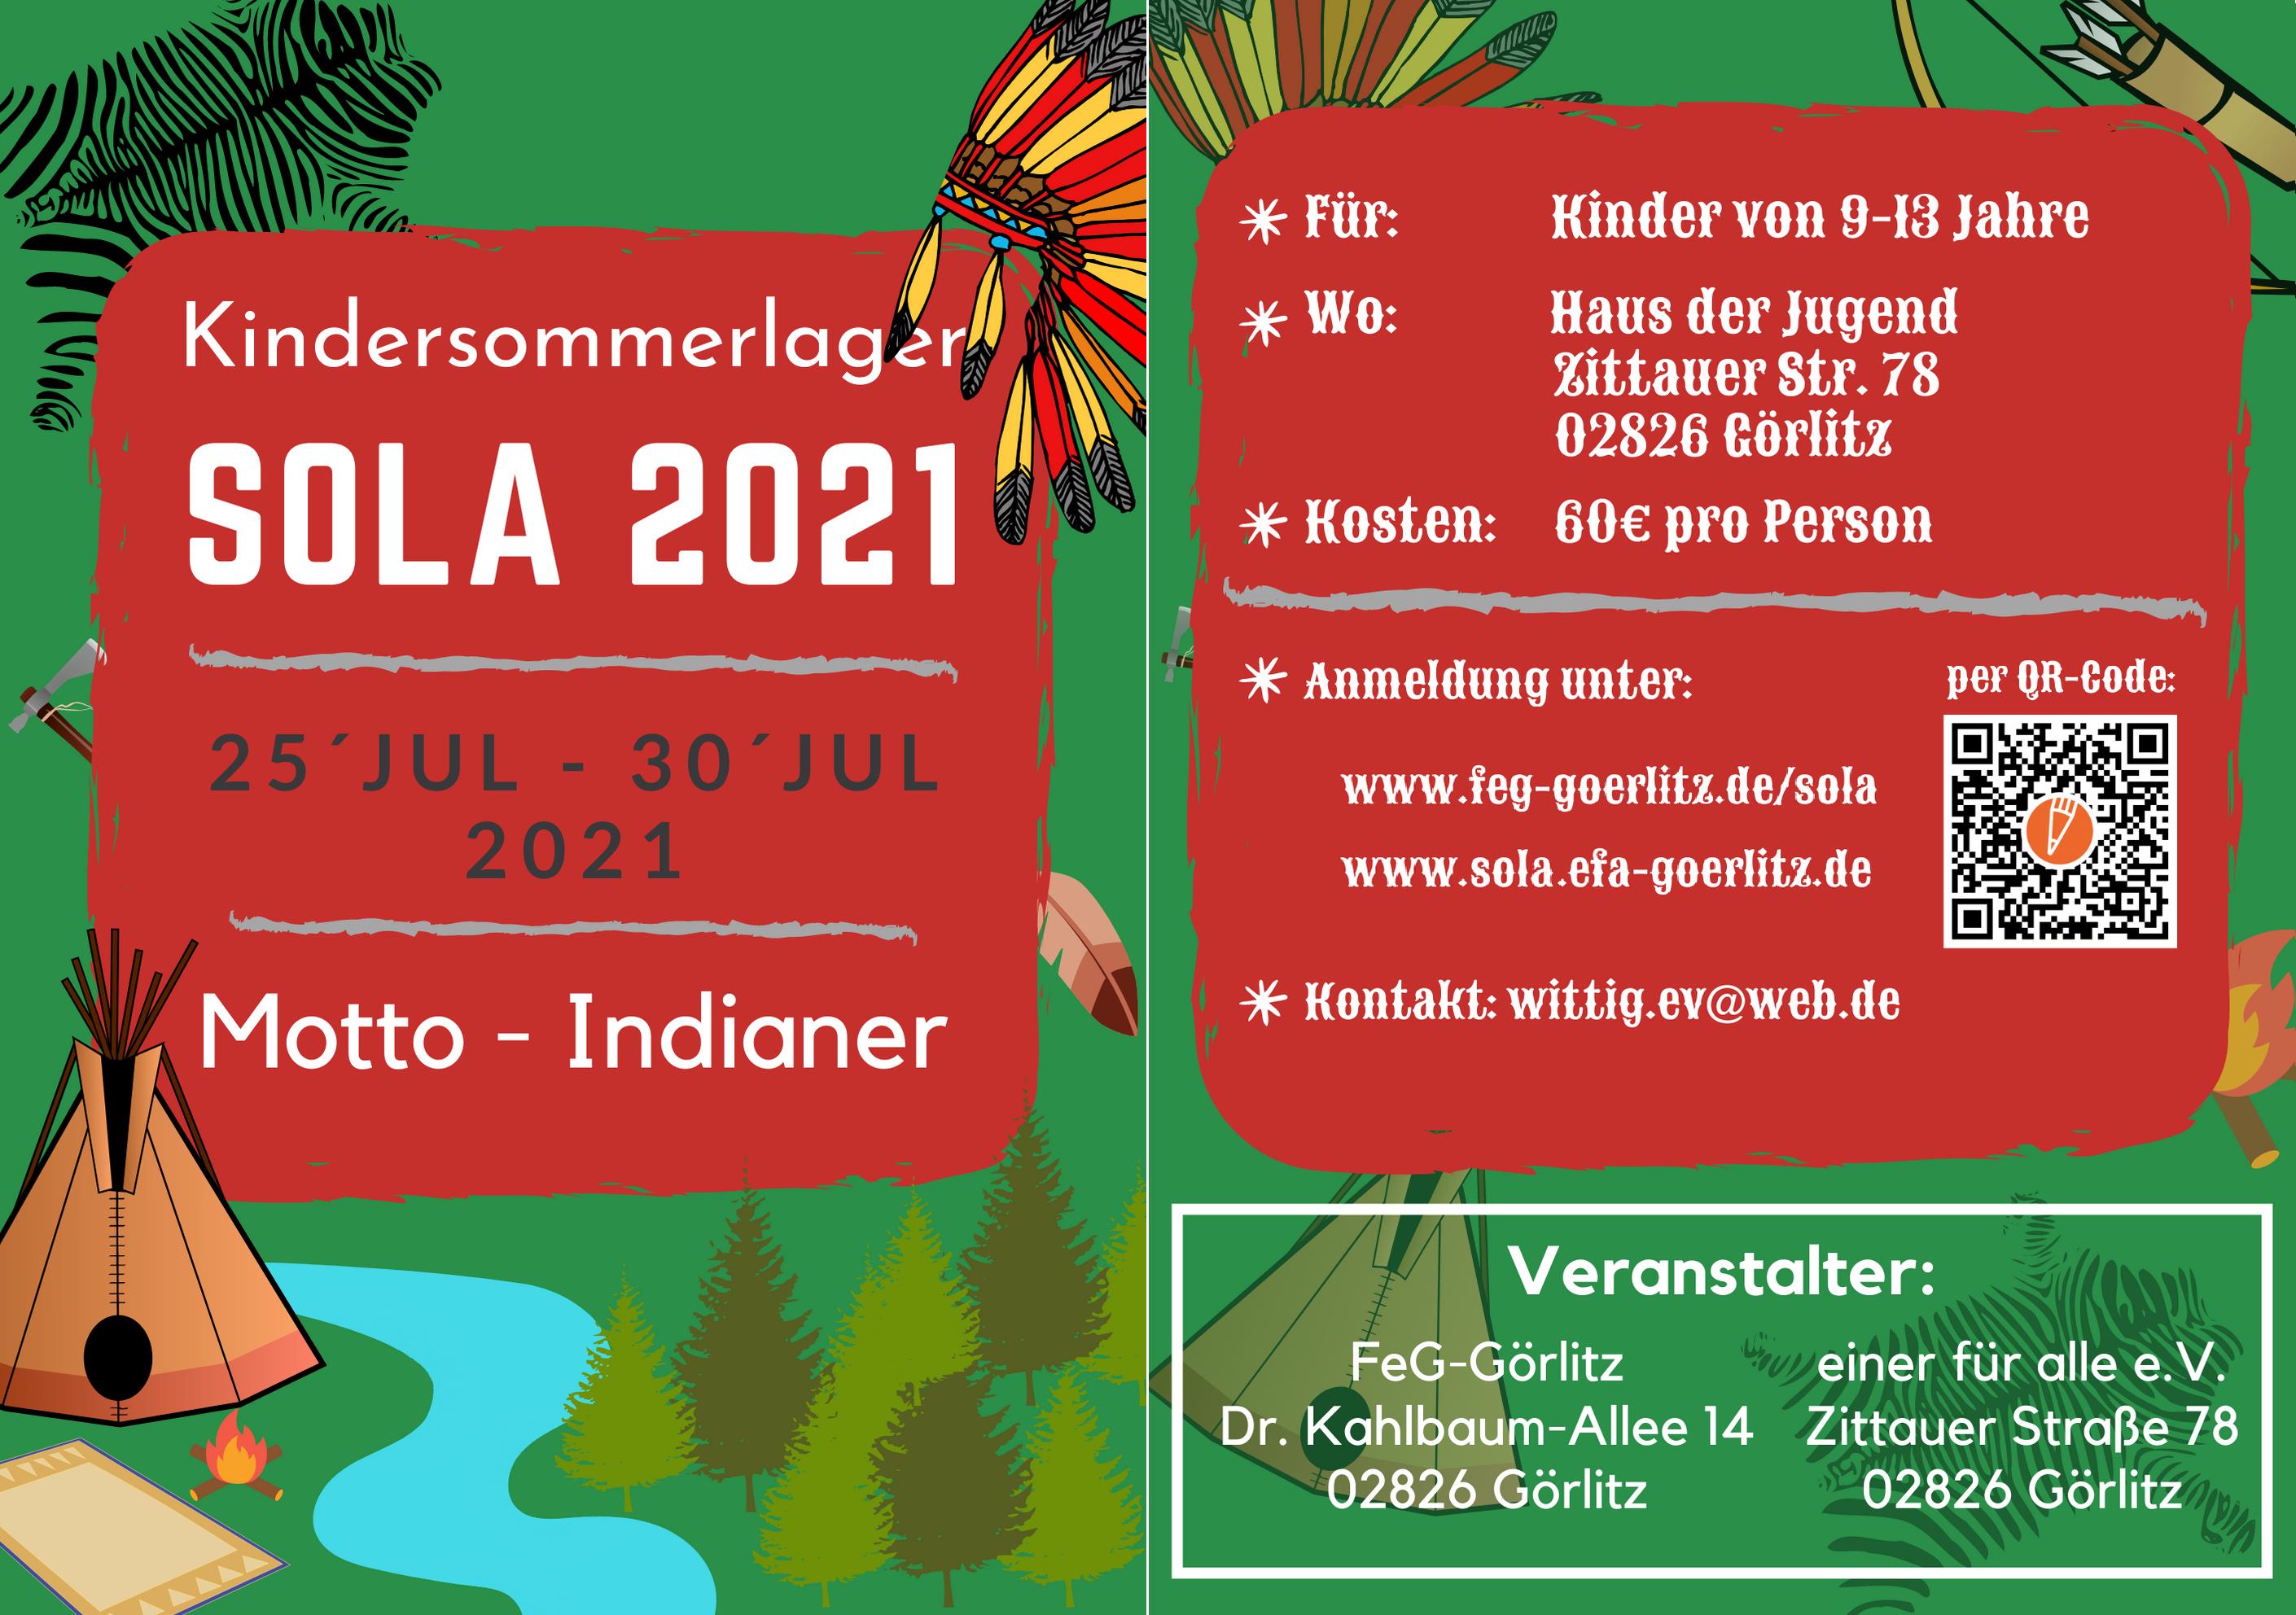 Sola 2021 - Flyer